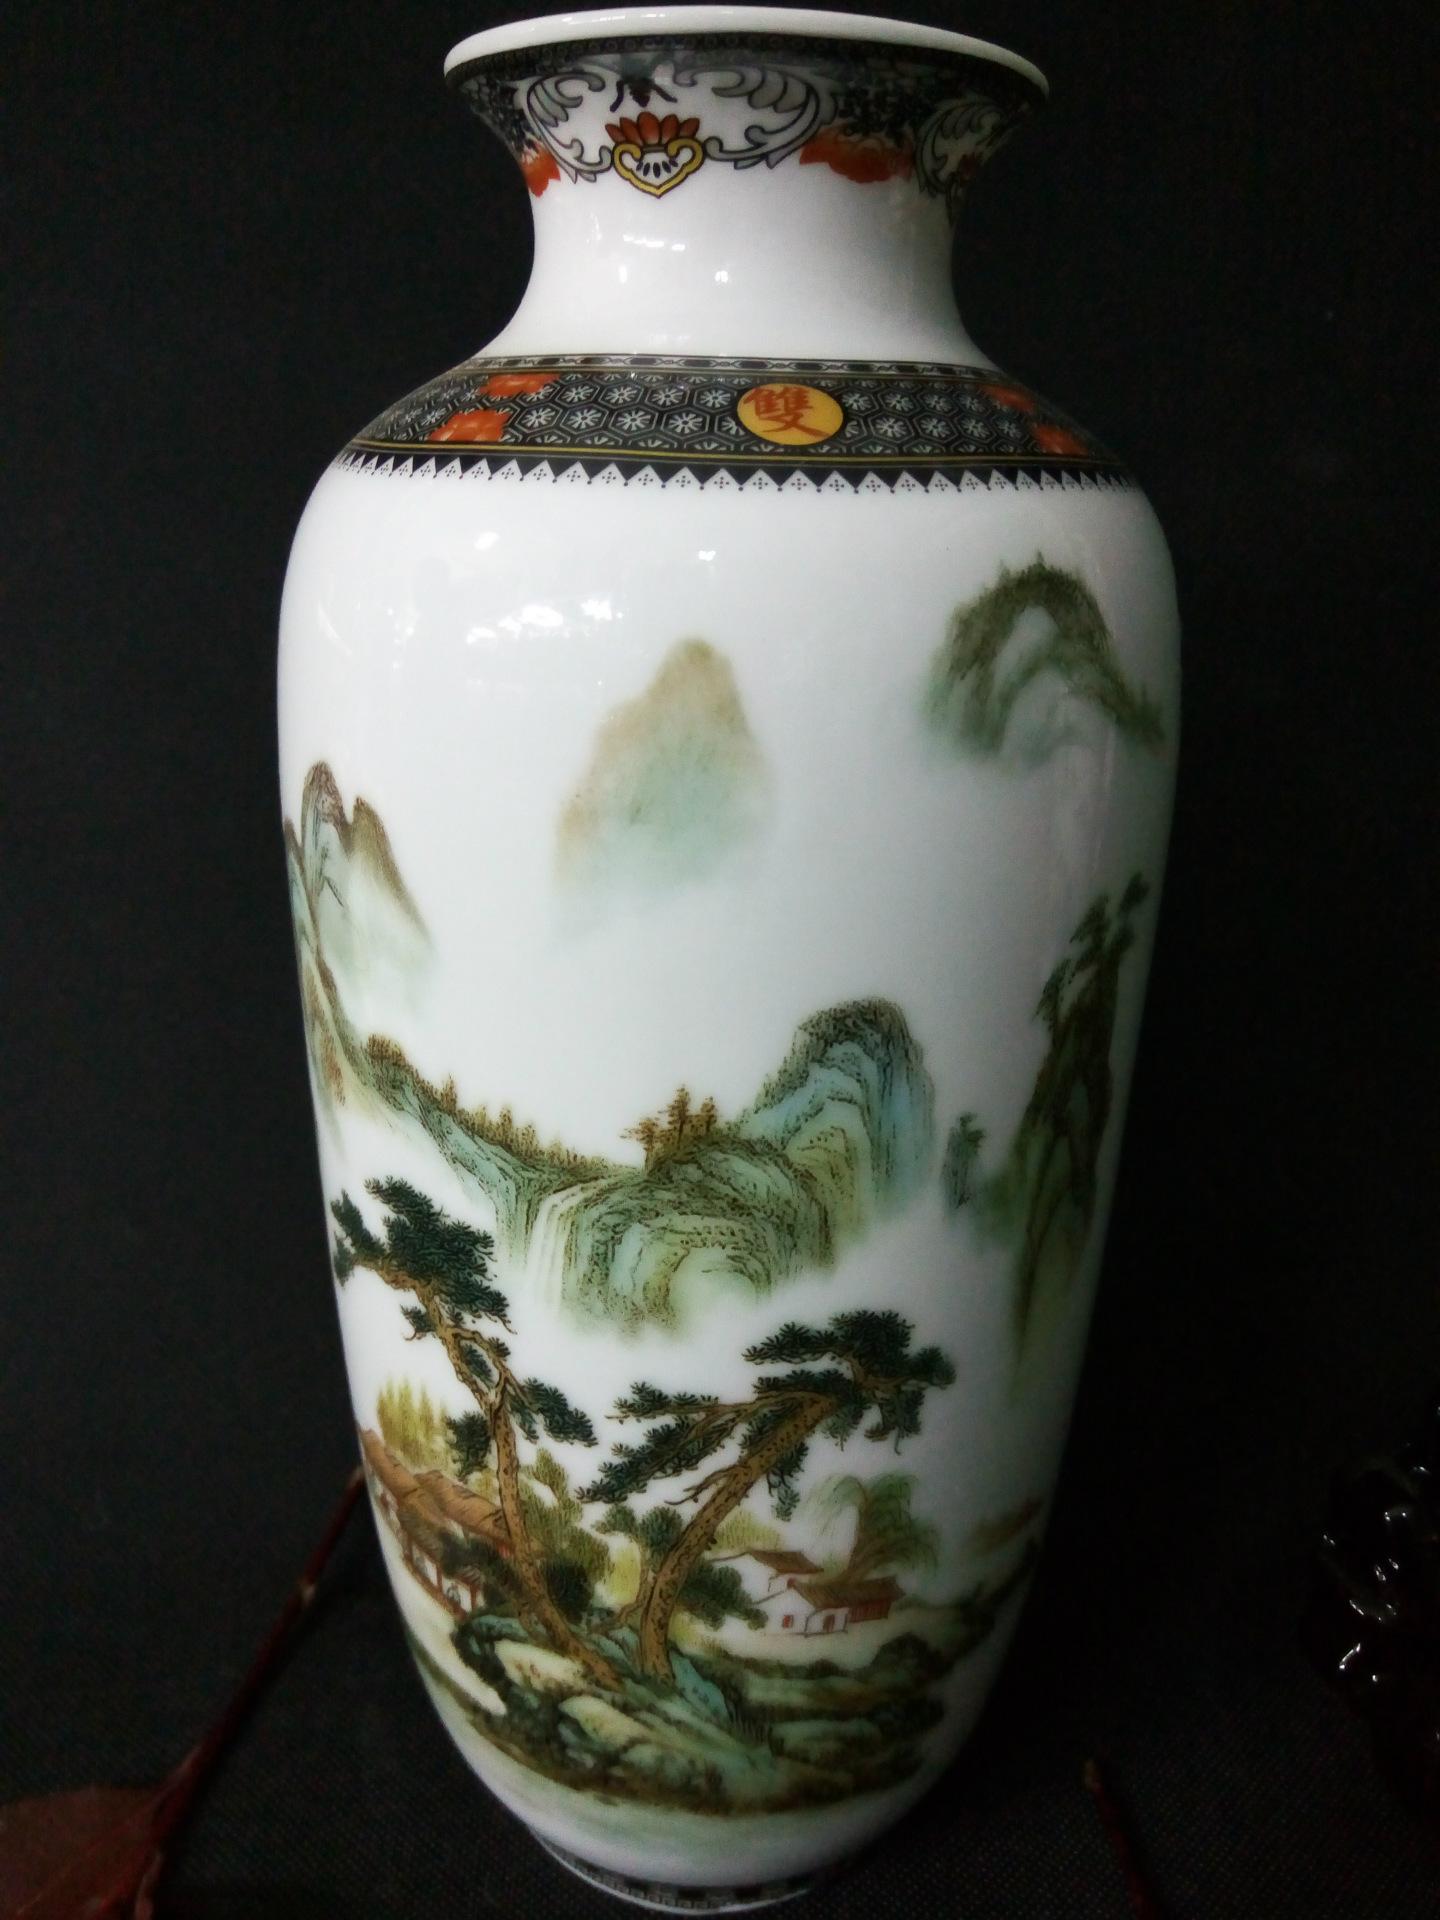 景德镇高档珐琅彩陶瓷三件套 家中复古摆件 佳节赠送佳品